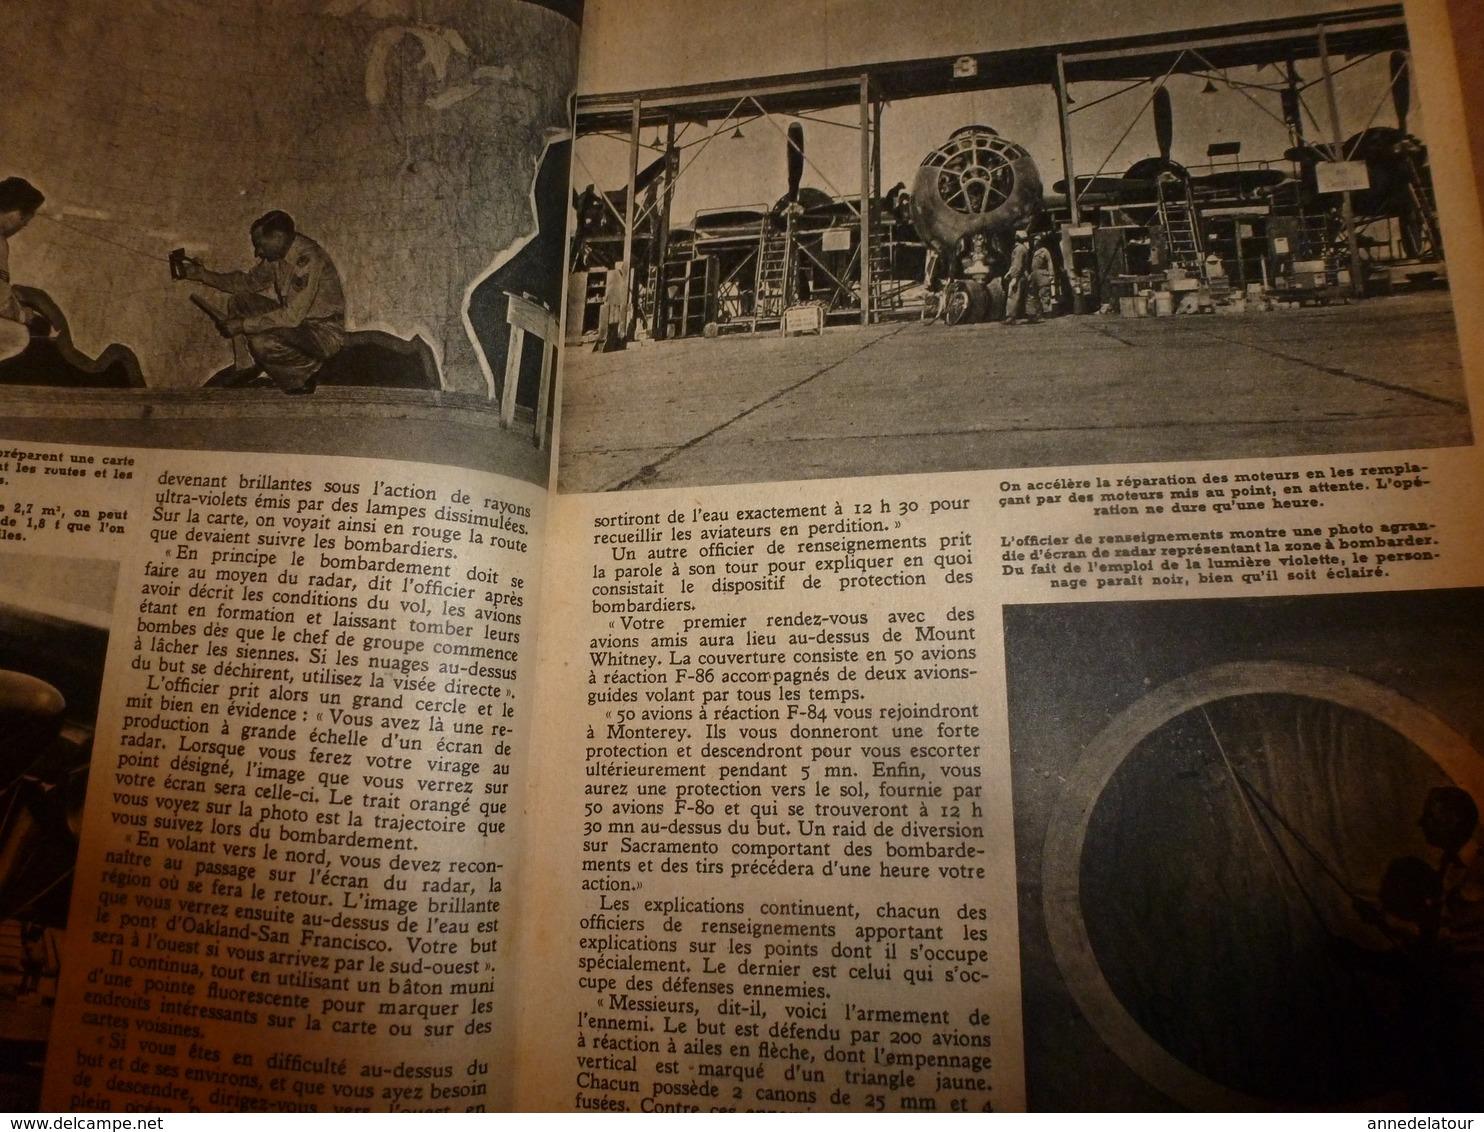 1951 MÉCANIQUE POPULAIRE:Faire Encadrement De Porte;Contre Maladie Des Pins;Construire Avec Des Agglos Pierre-ponce; Etc - Technical